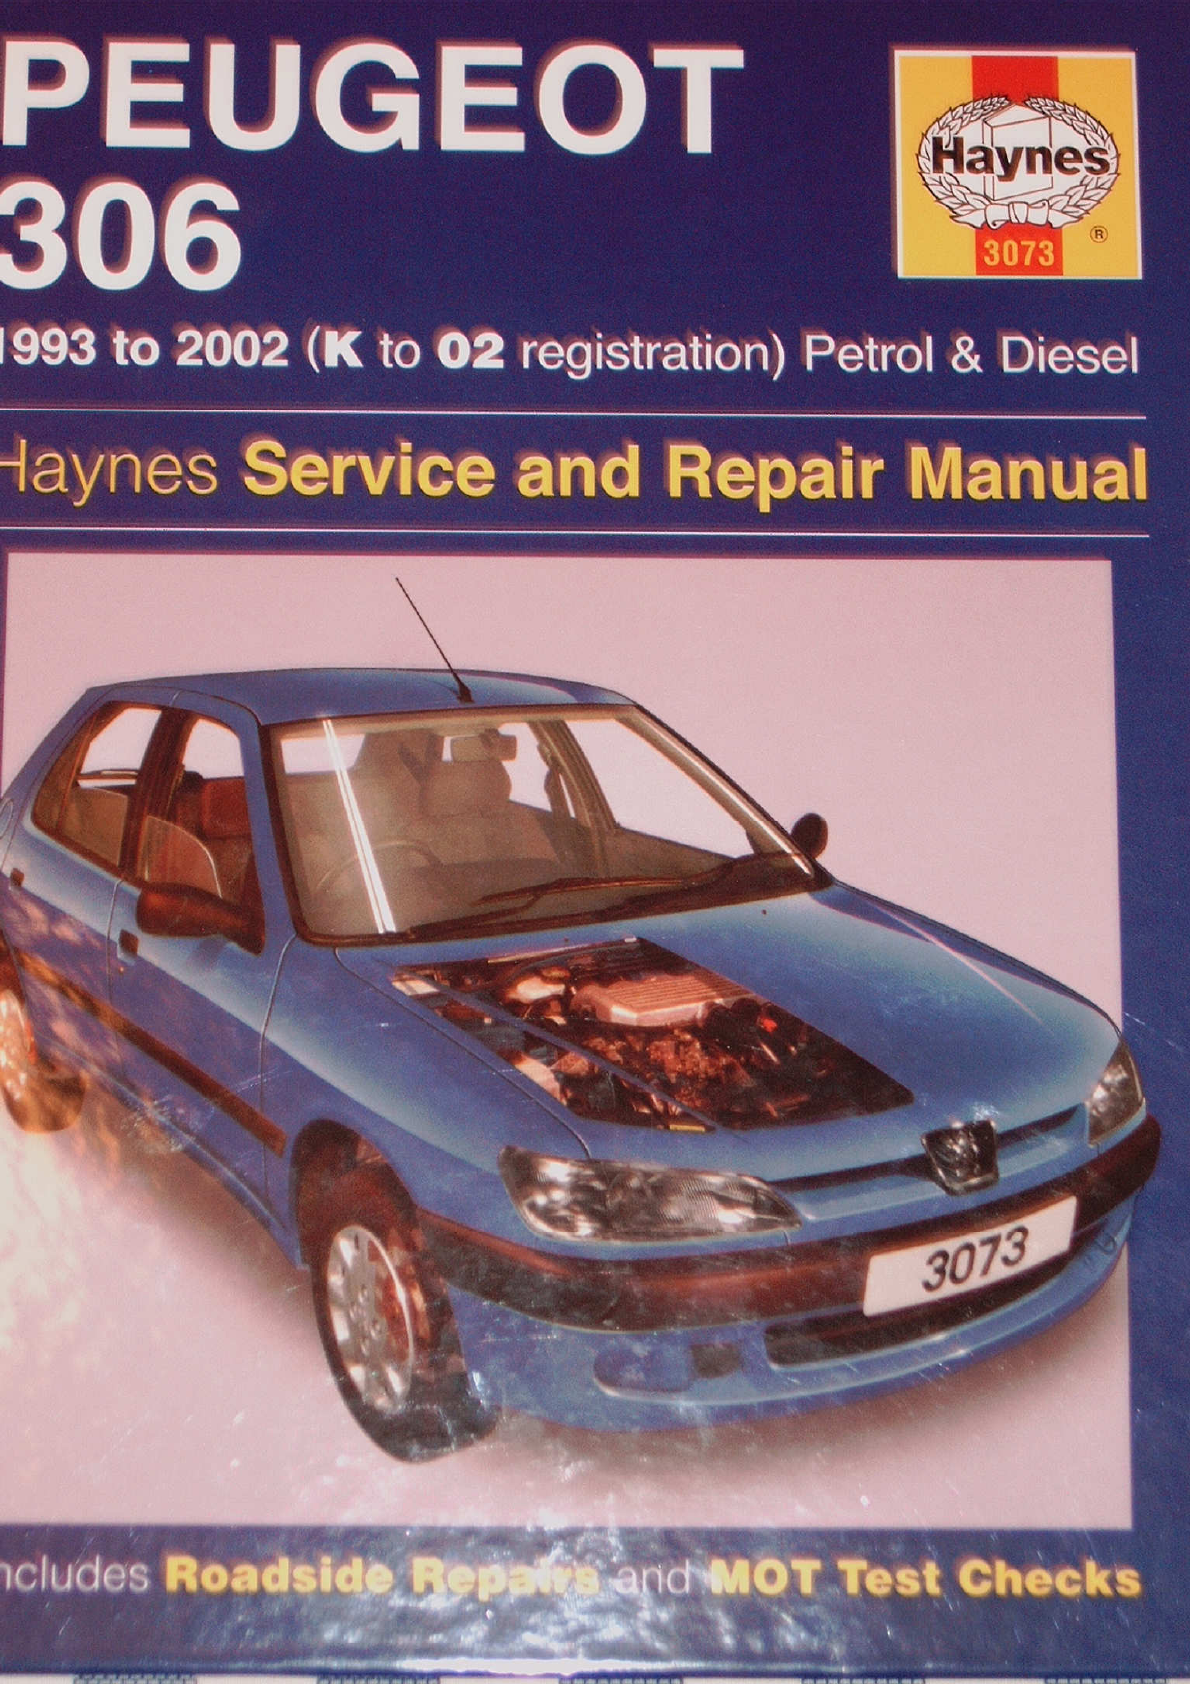 peugeot 306 workshop manual haynes pdf manuals pinterest peugeot rh pinterest ca Peugeot 306 Review Peugeot 306 Break